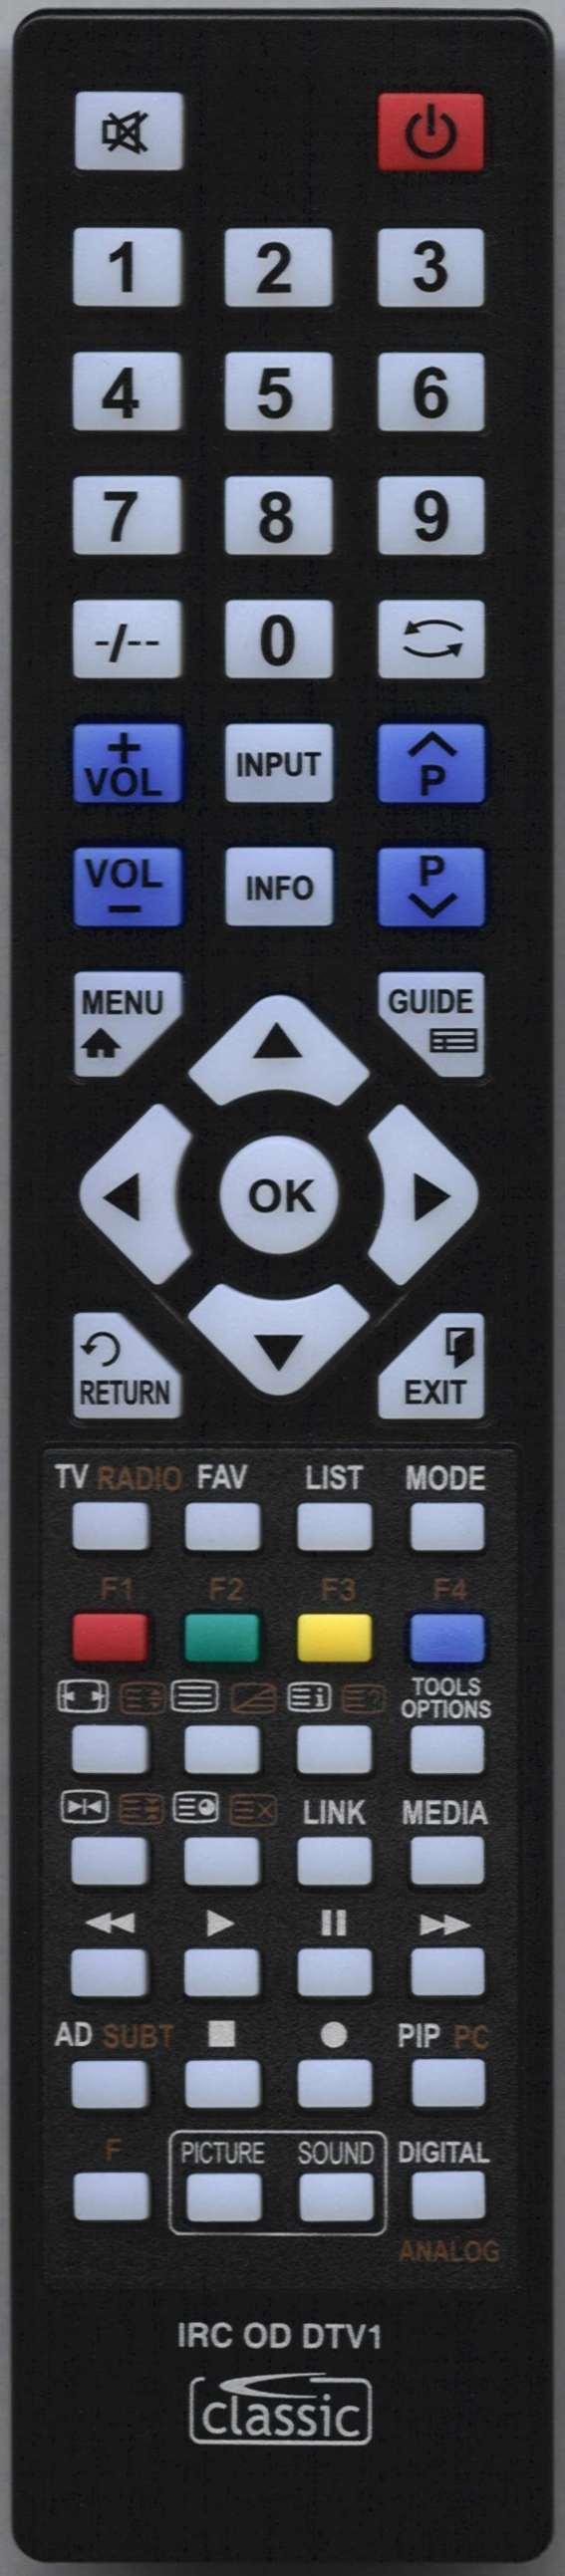 ORION TV19LF25DVD Remote Control